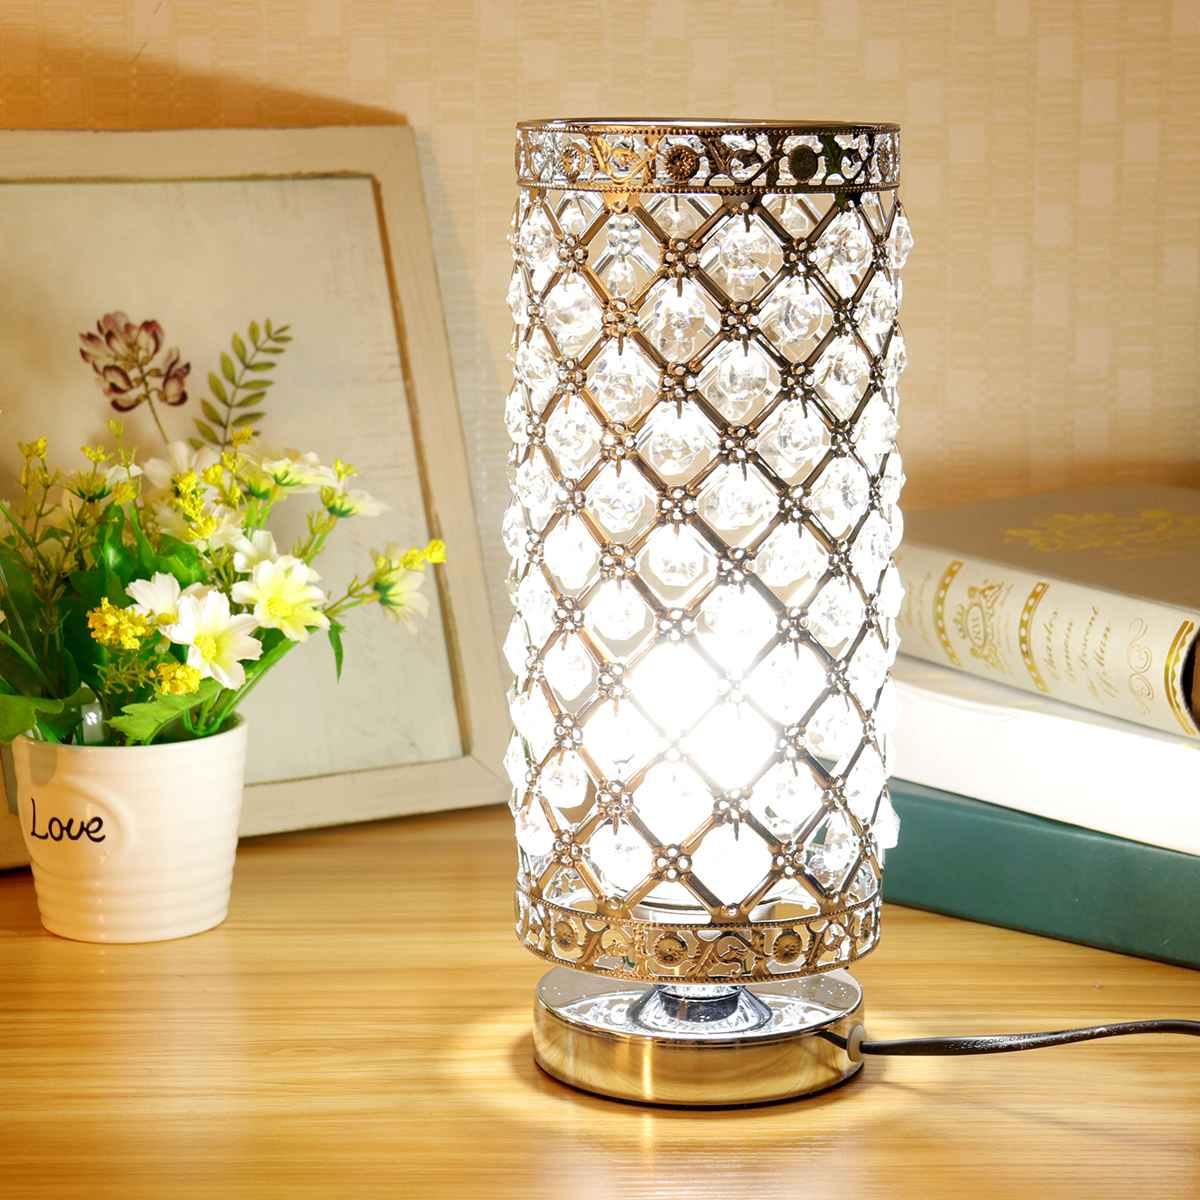 Moderne Kristall Schreibtisch Tisch Lampe Licht Neben Nacht Lampe E27 Halter Hause Schlafzimmer Dekoration Einstellbar Indoor Beleuchtung